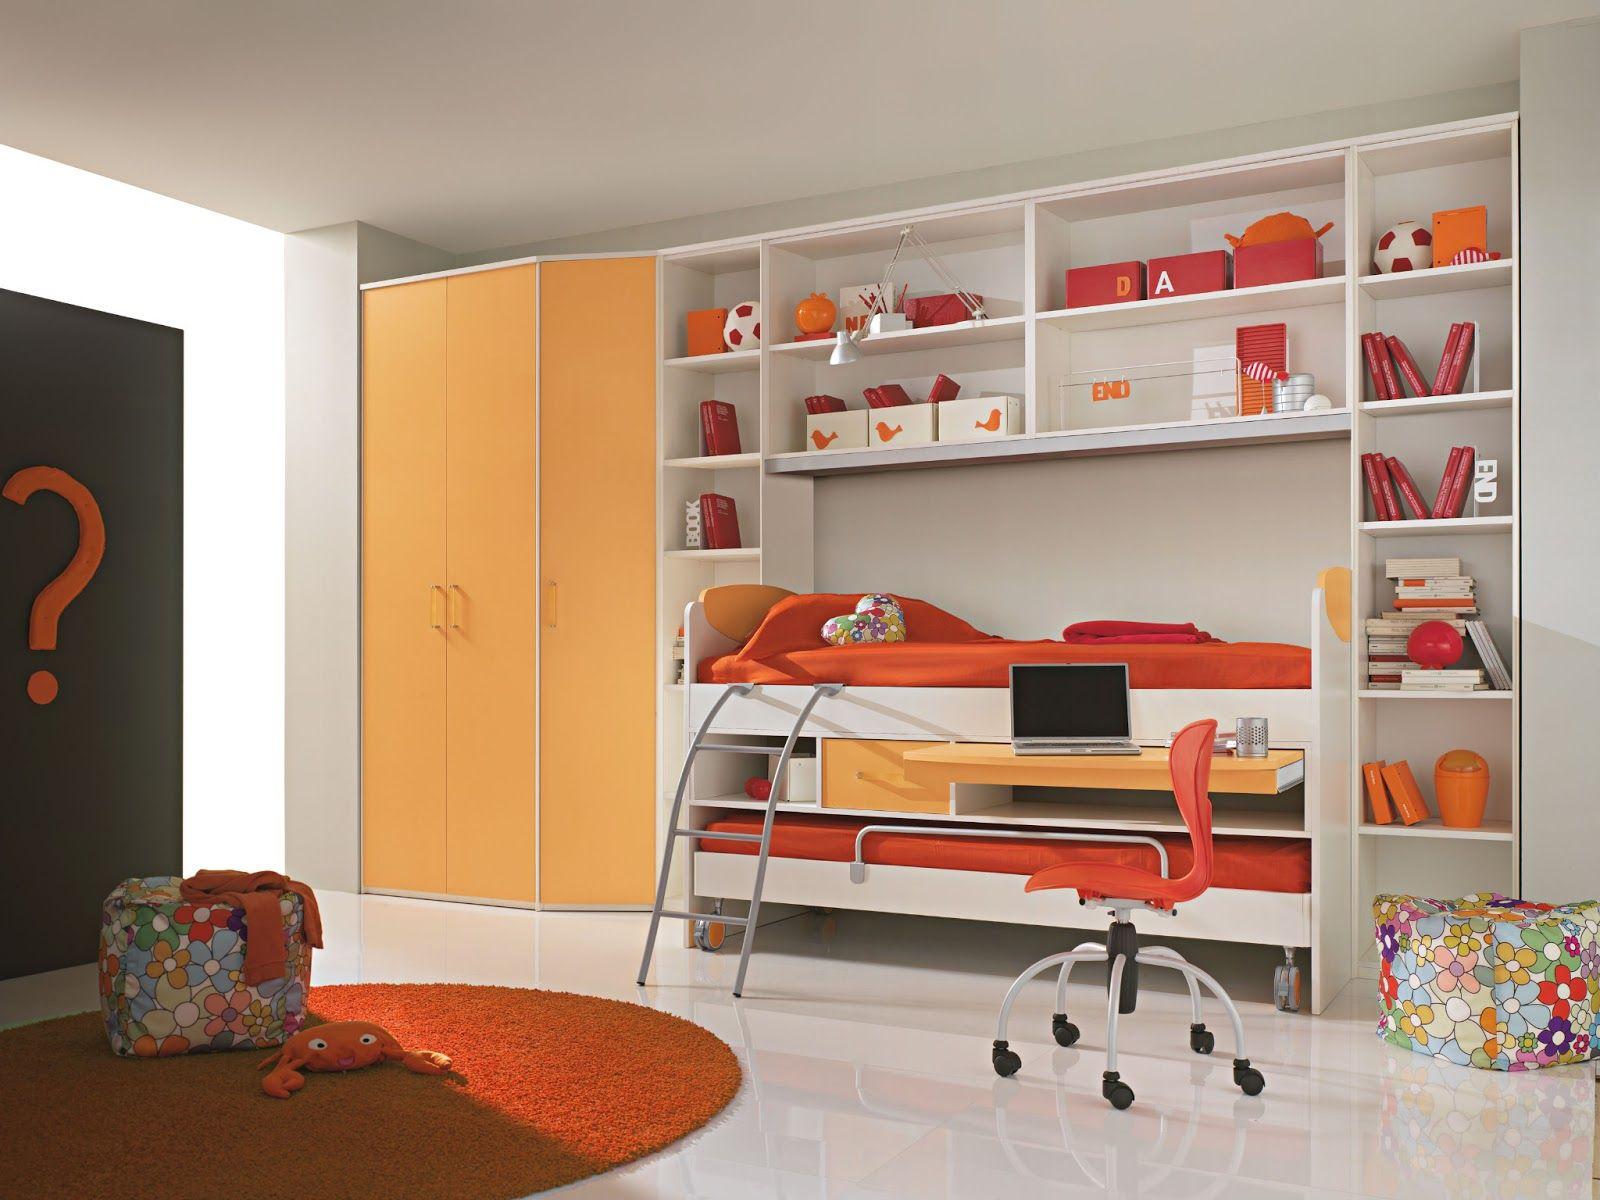 Schlafzimmer Kinder ~ Erstaunlich moderne schlafzimmer kinder kinderzimmer